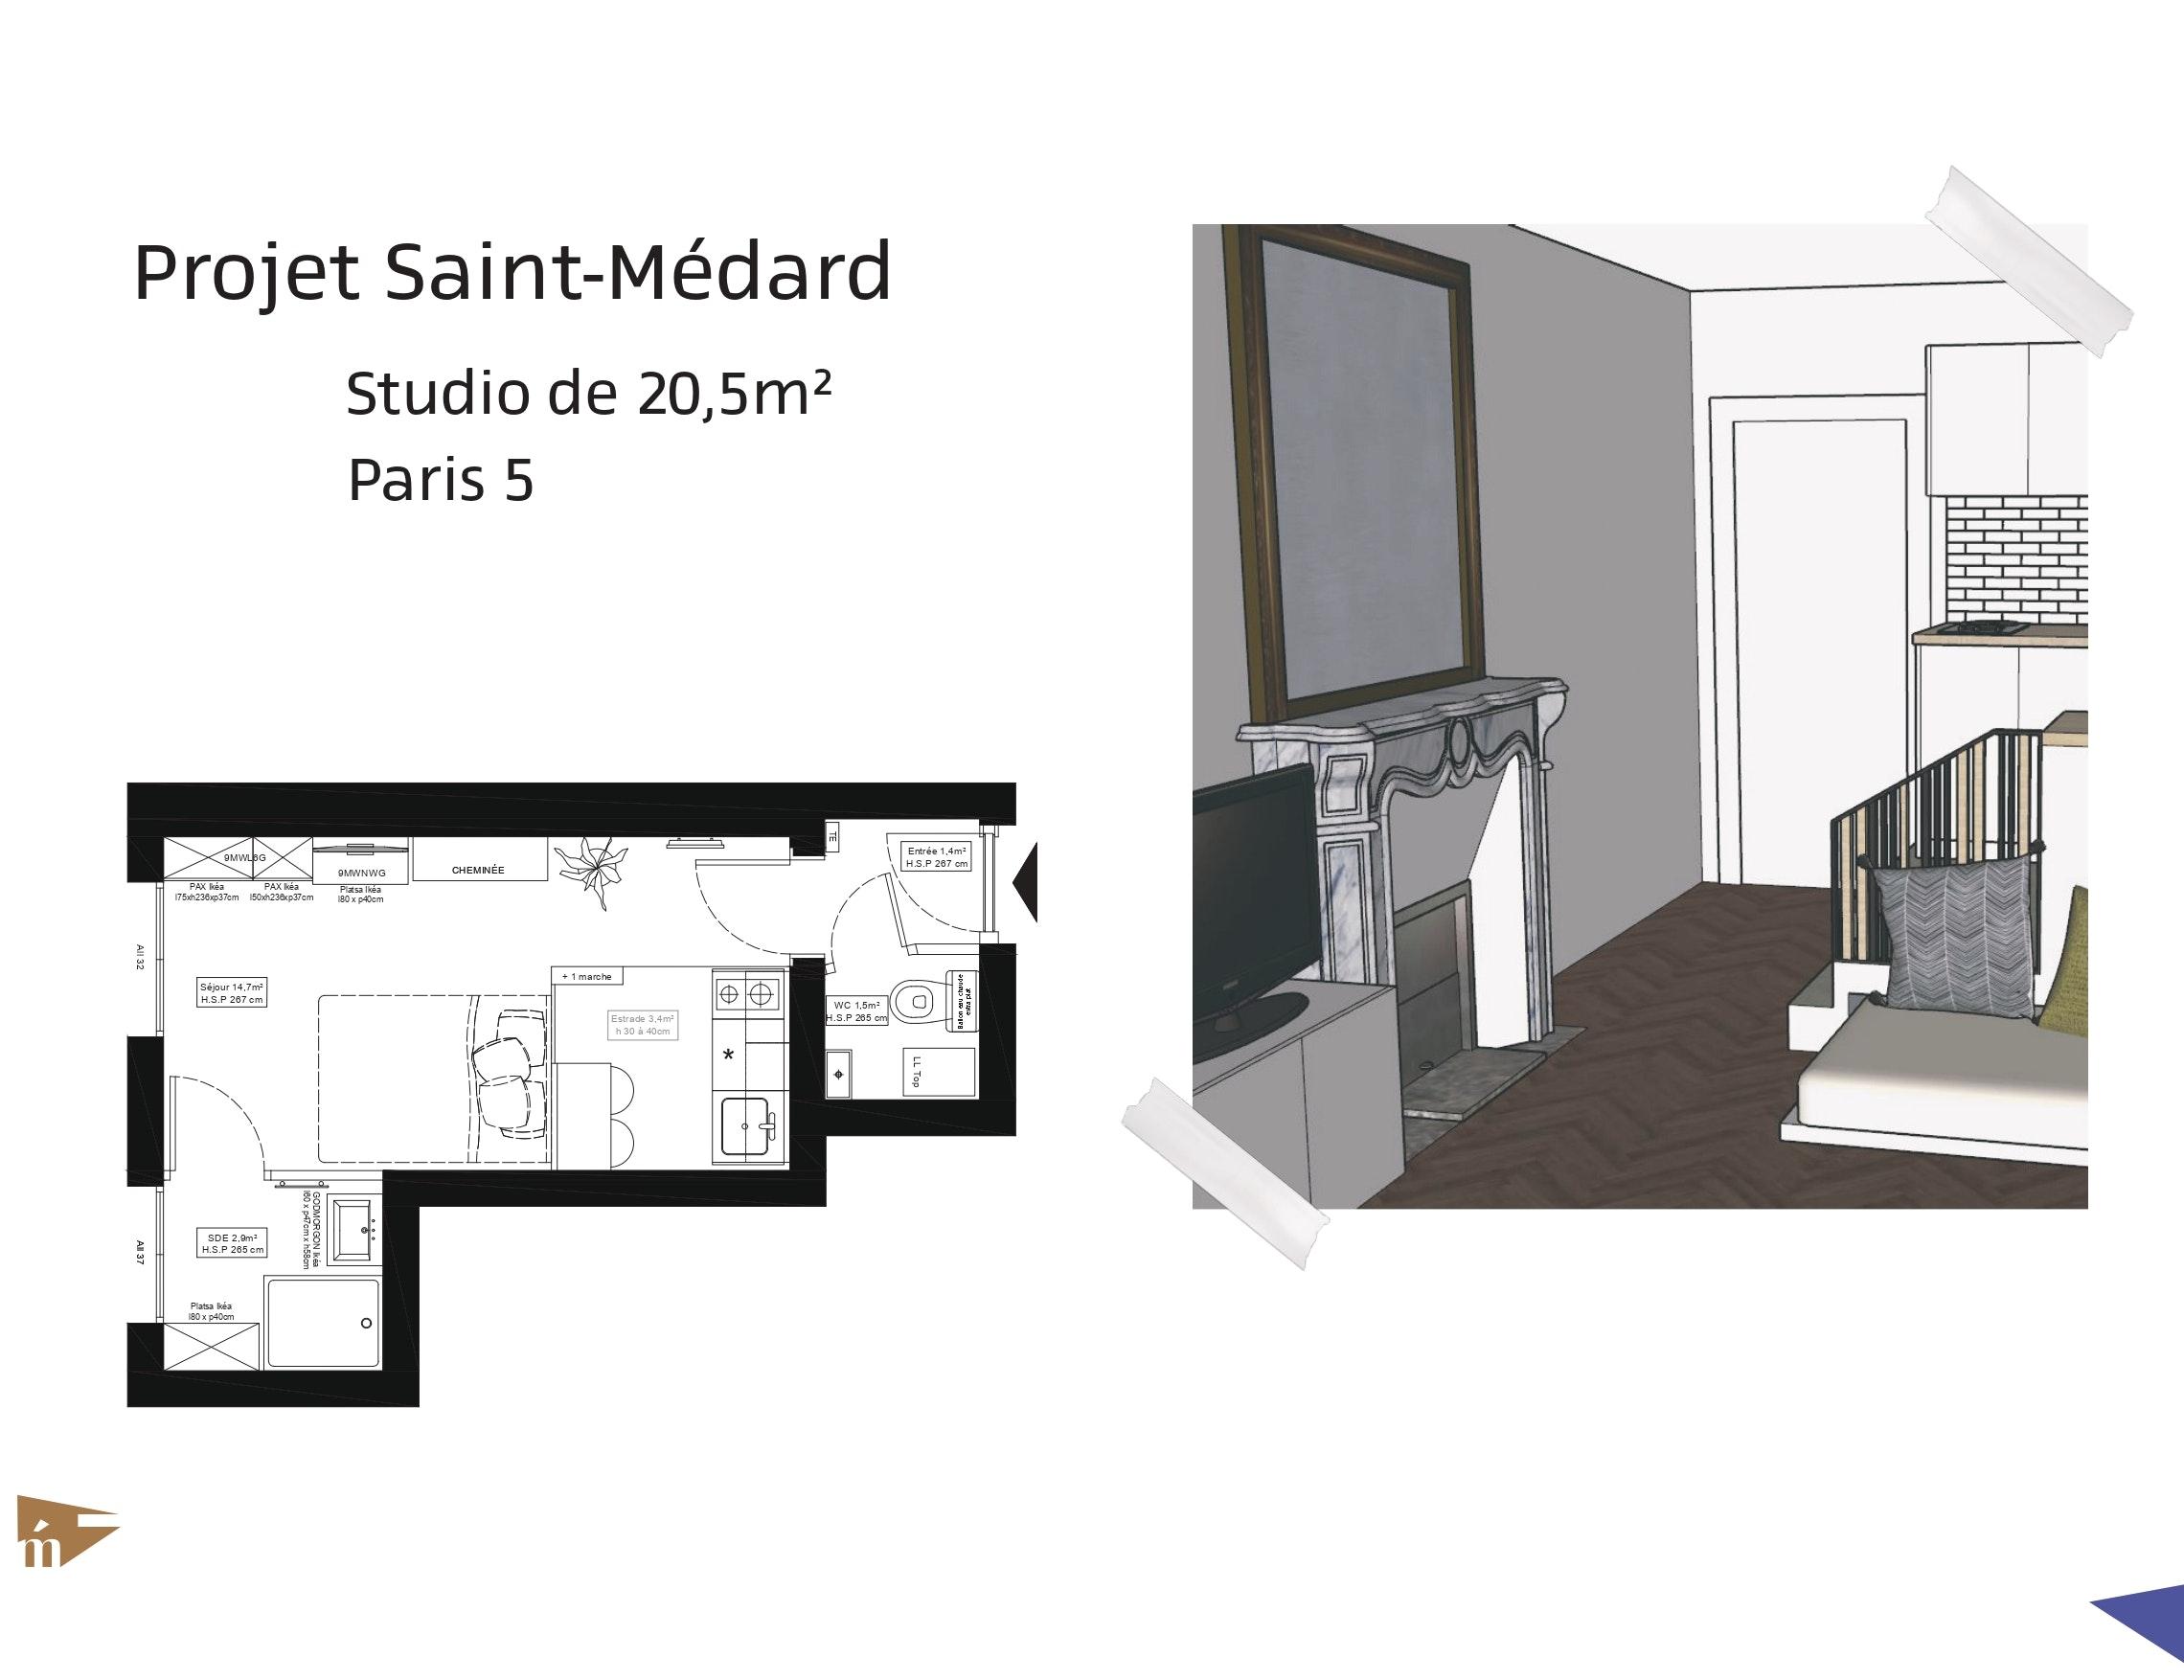 photo Projet Saint-Médard - Studio de 20,5m² - Paris 5 Léa Mast - Architecte hemea